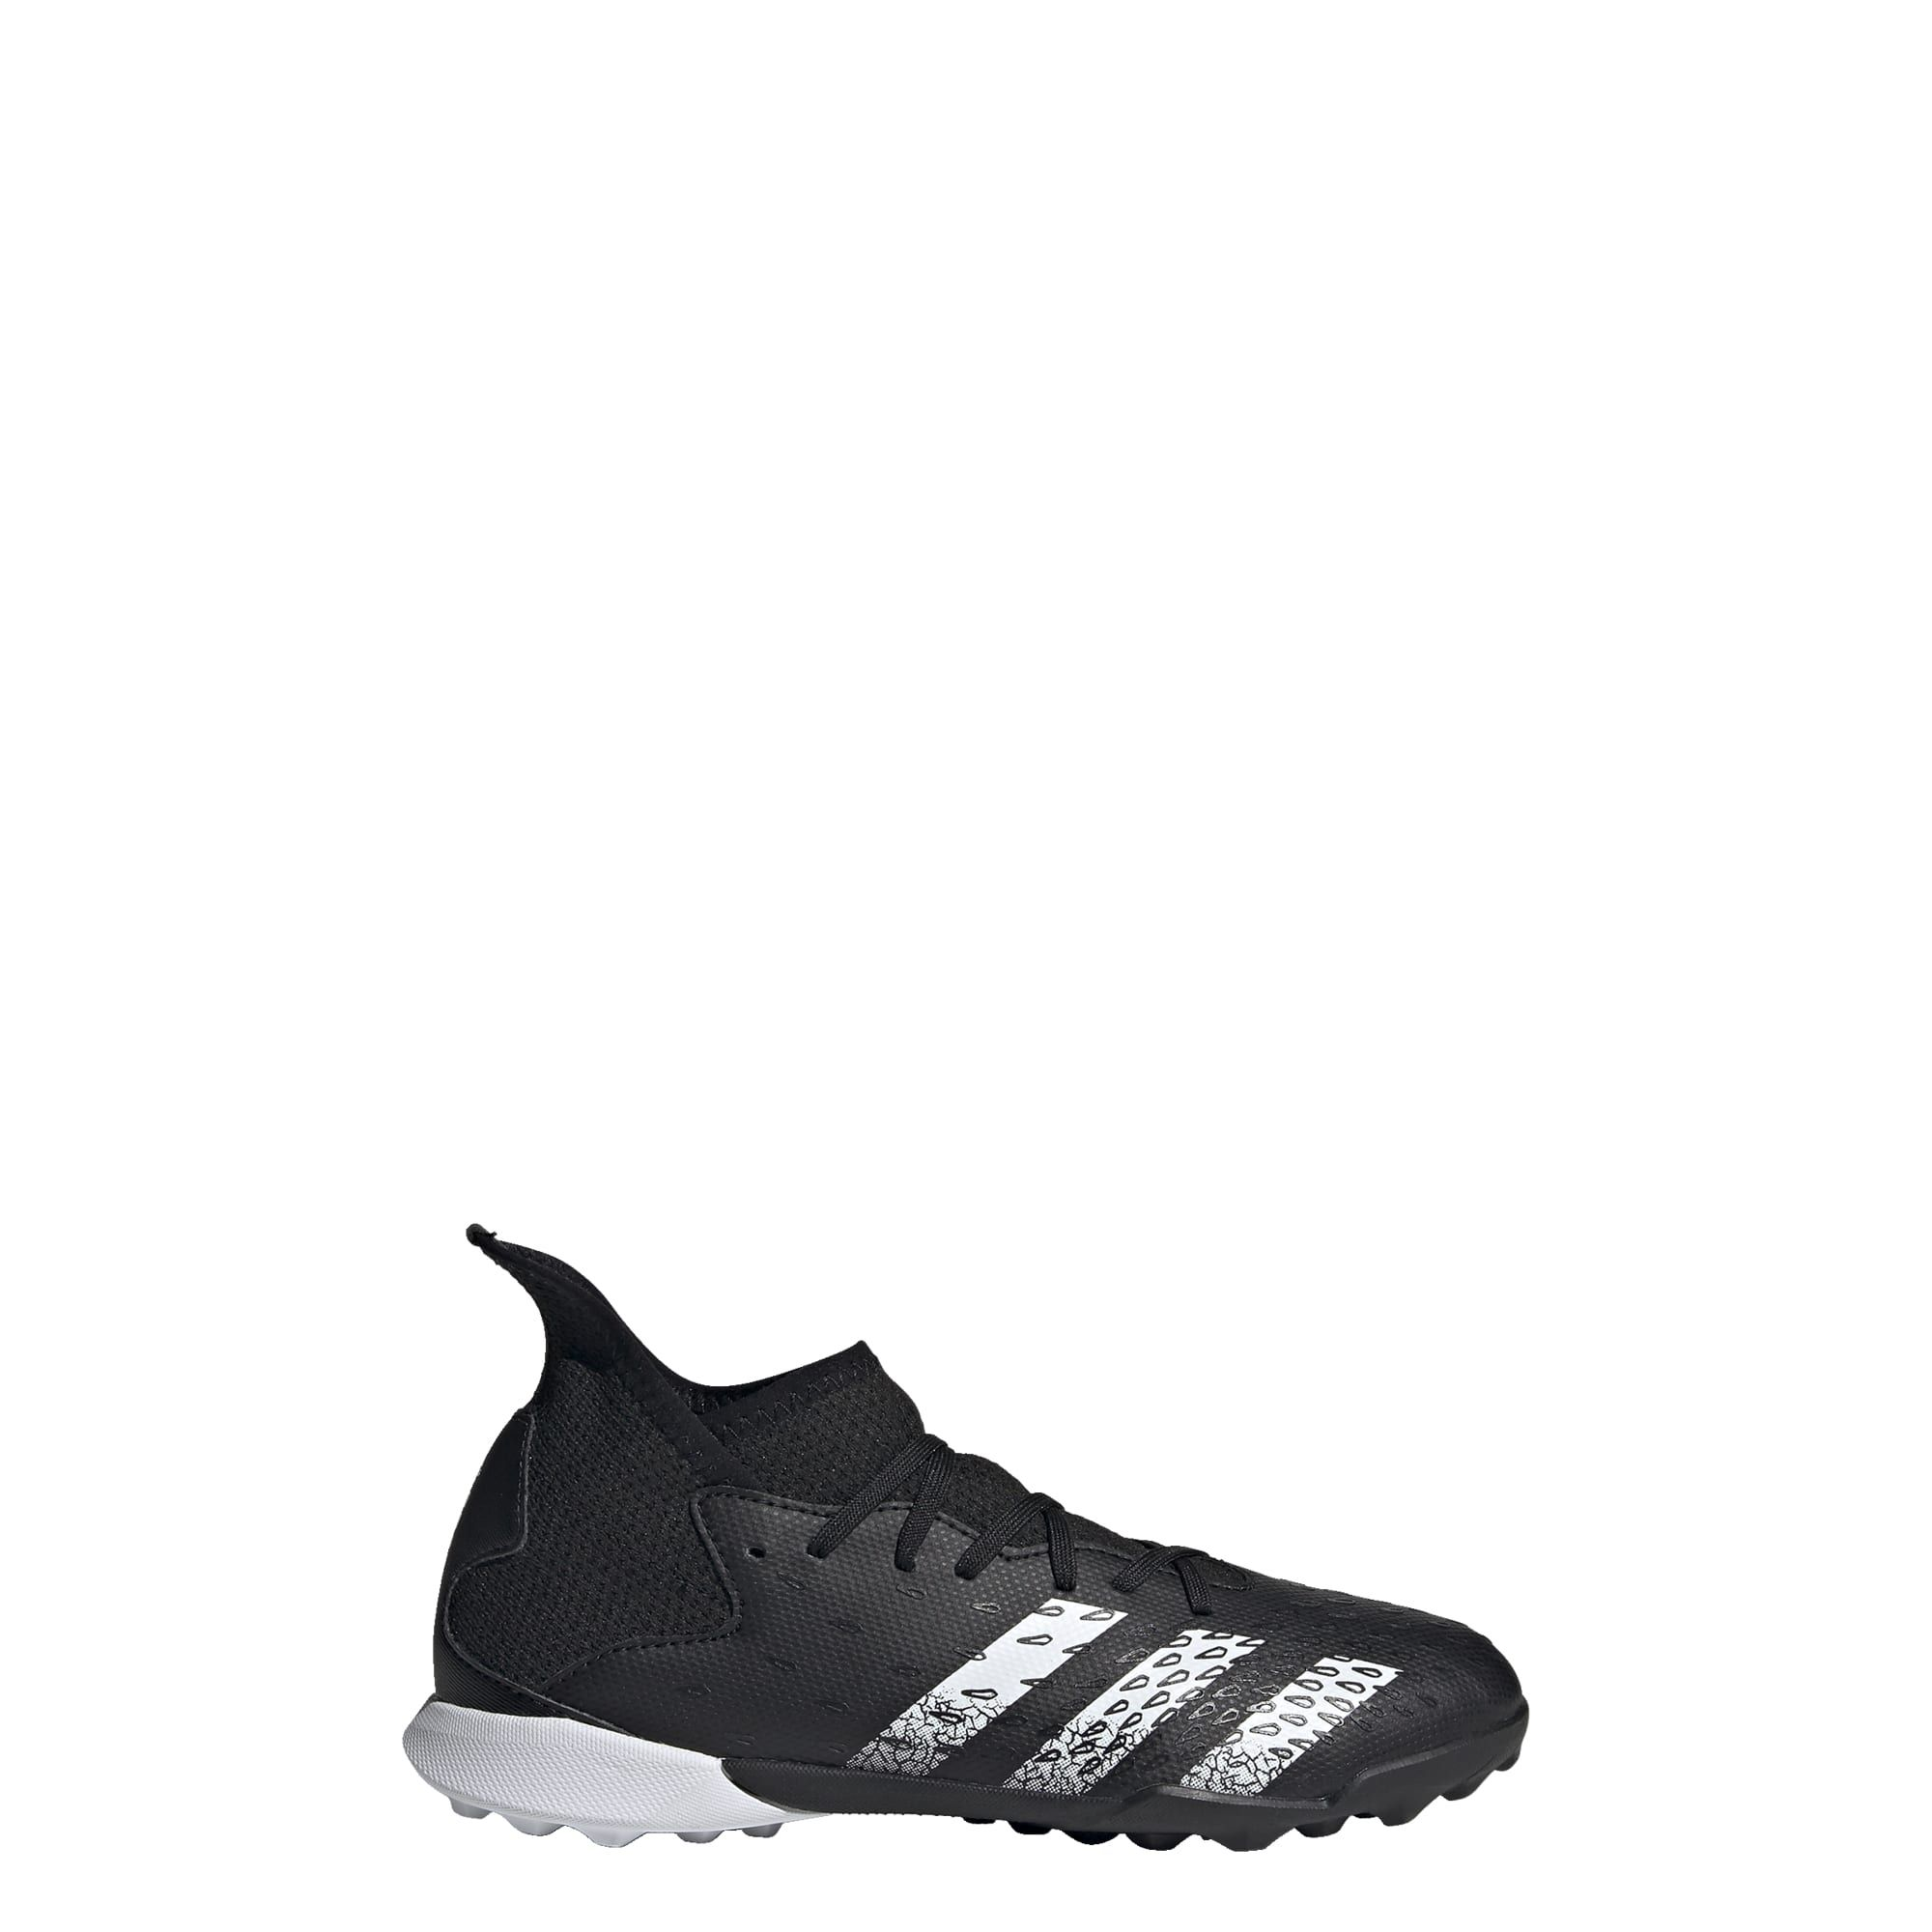 adidas Predator Freak.3 Turf Voetbalschoenen (TF) Kids Zwart Wit